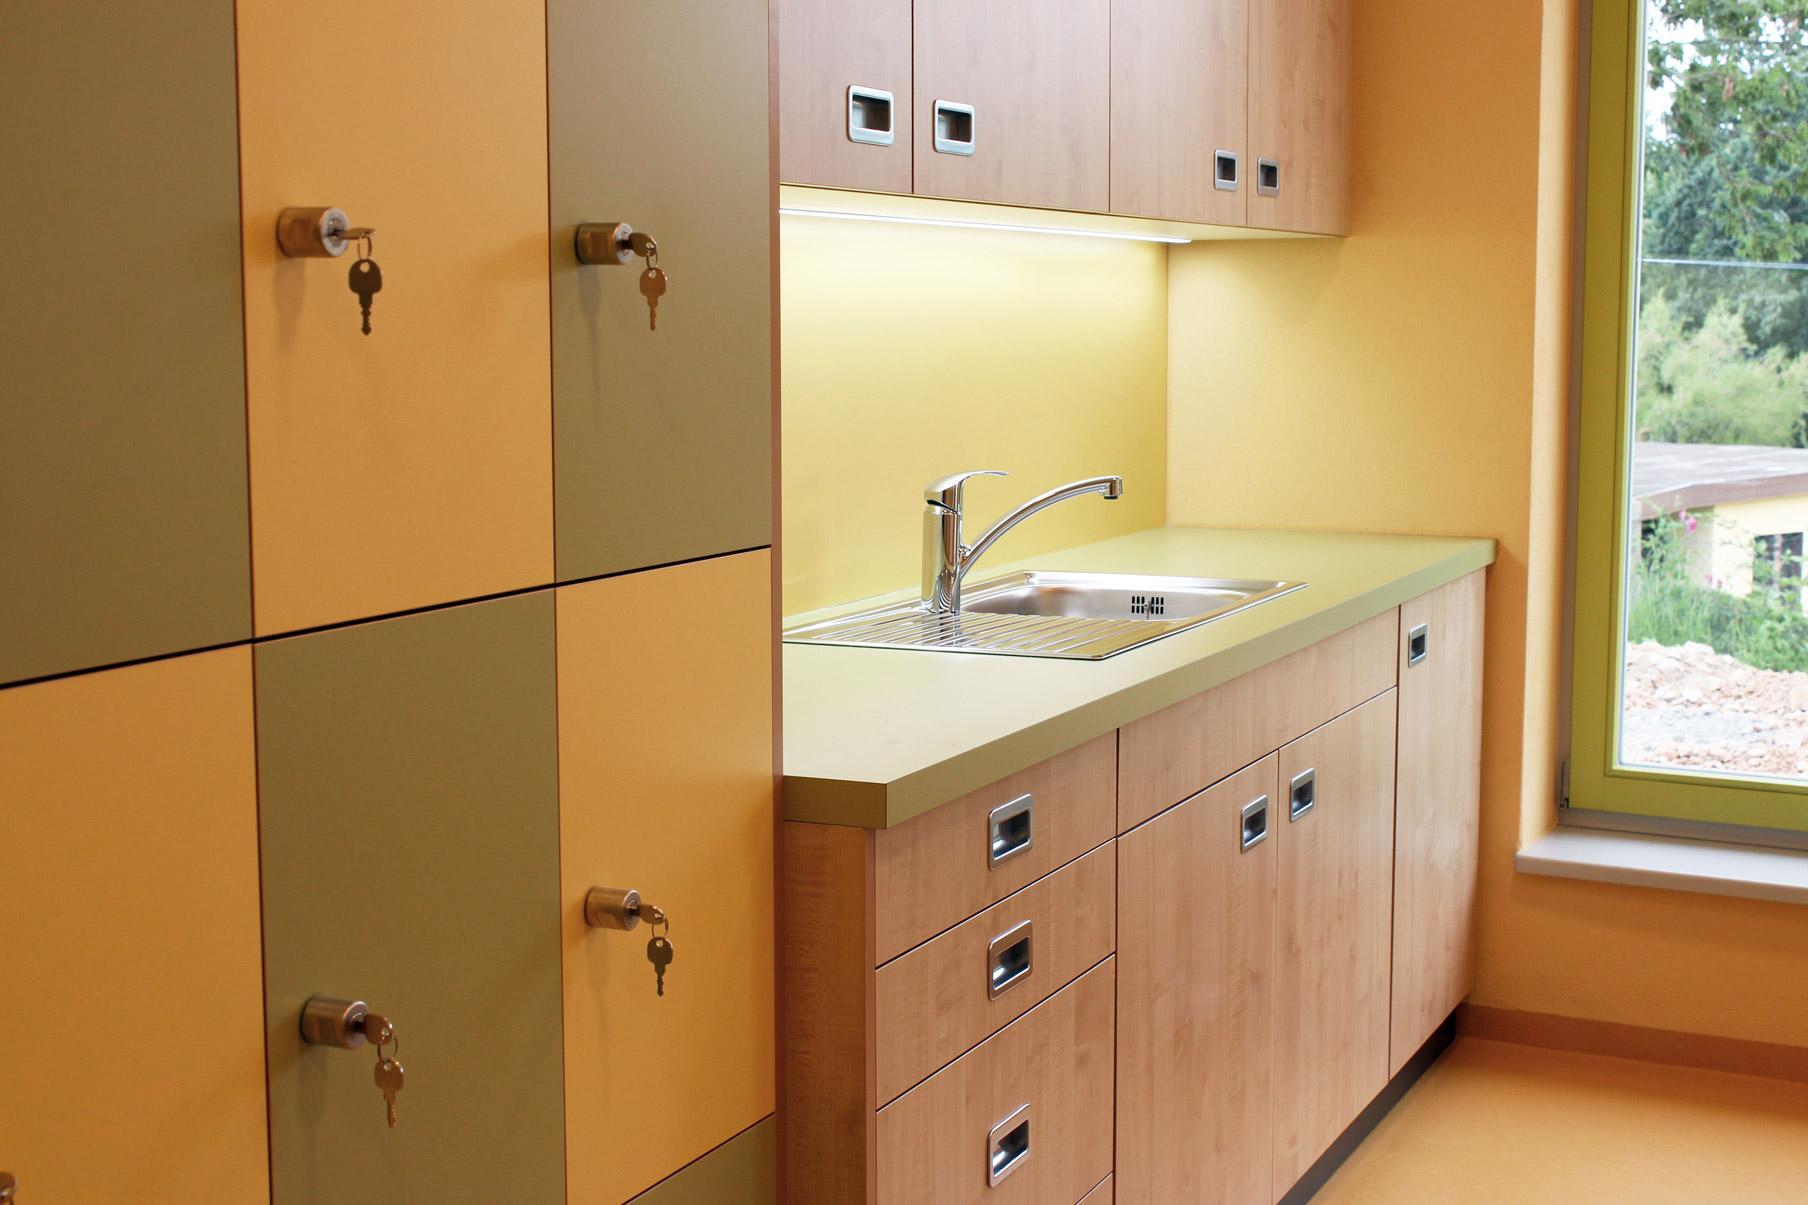 Foto Einrichtung für Personalraum - Tischlerarbeit